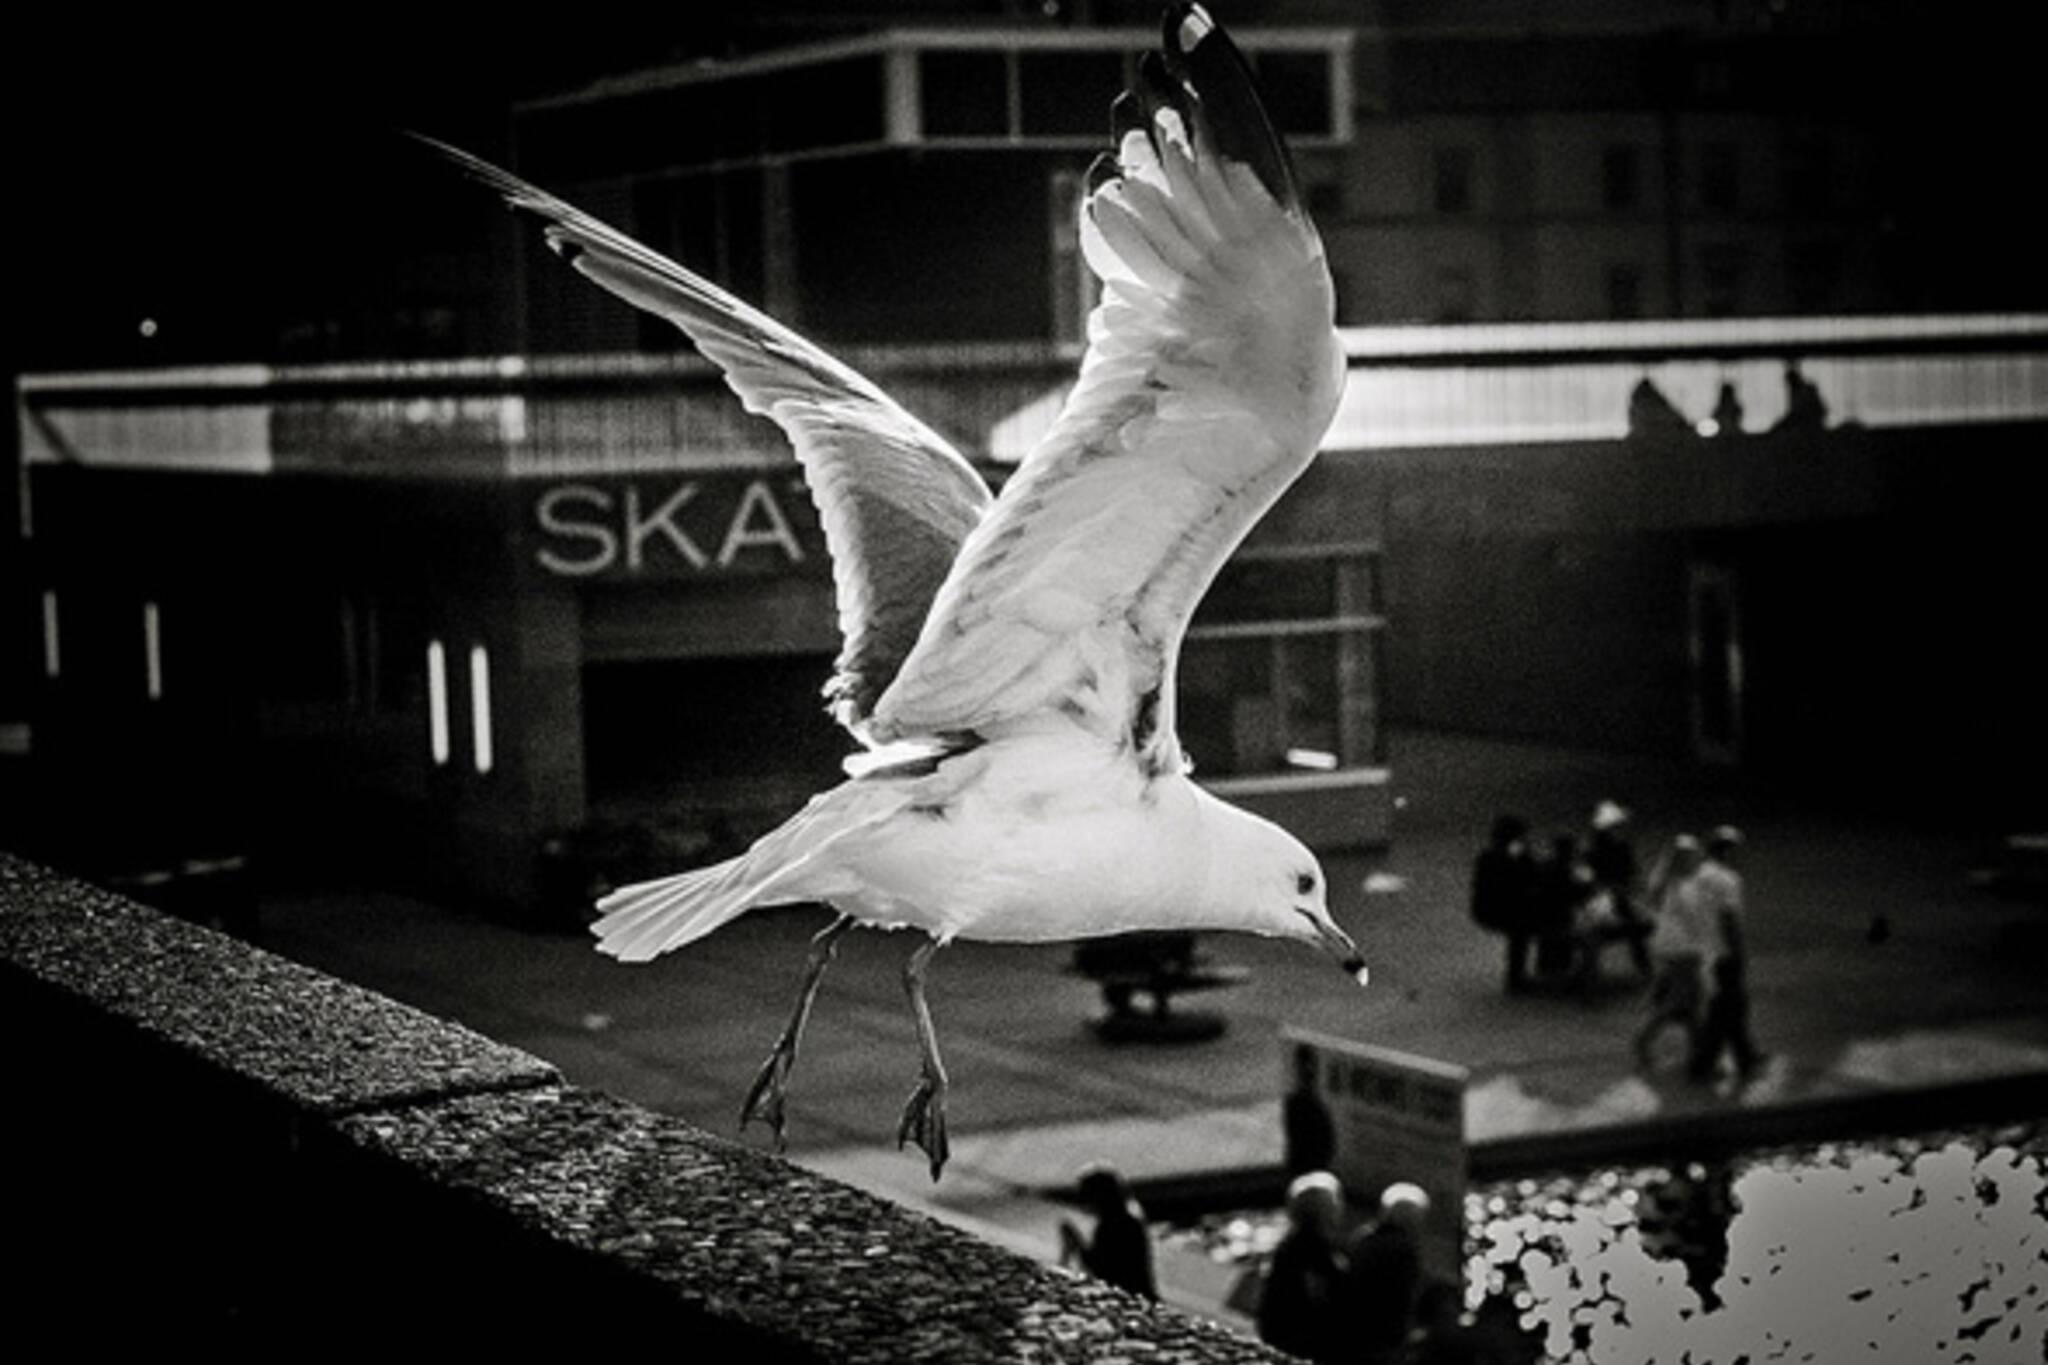 Seagull Toronto